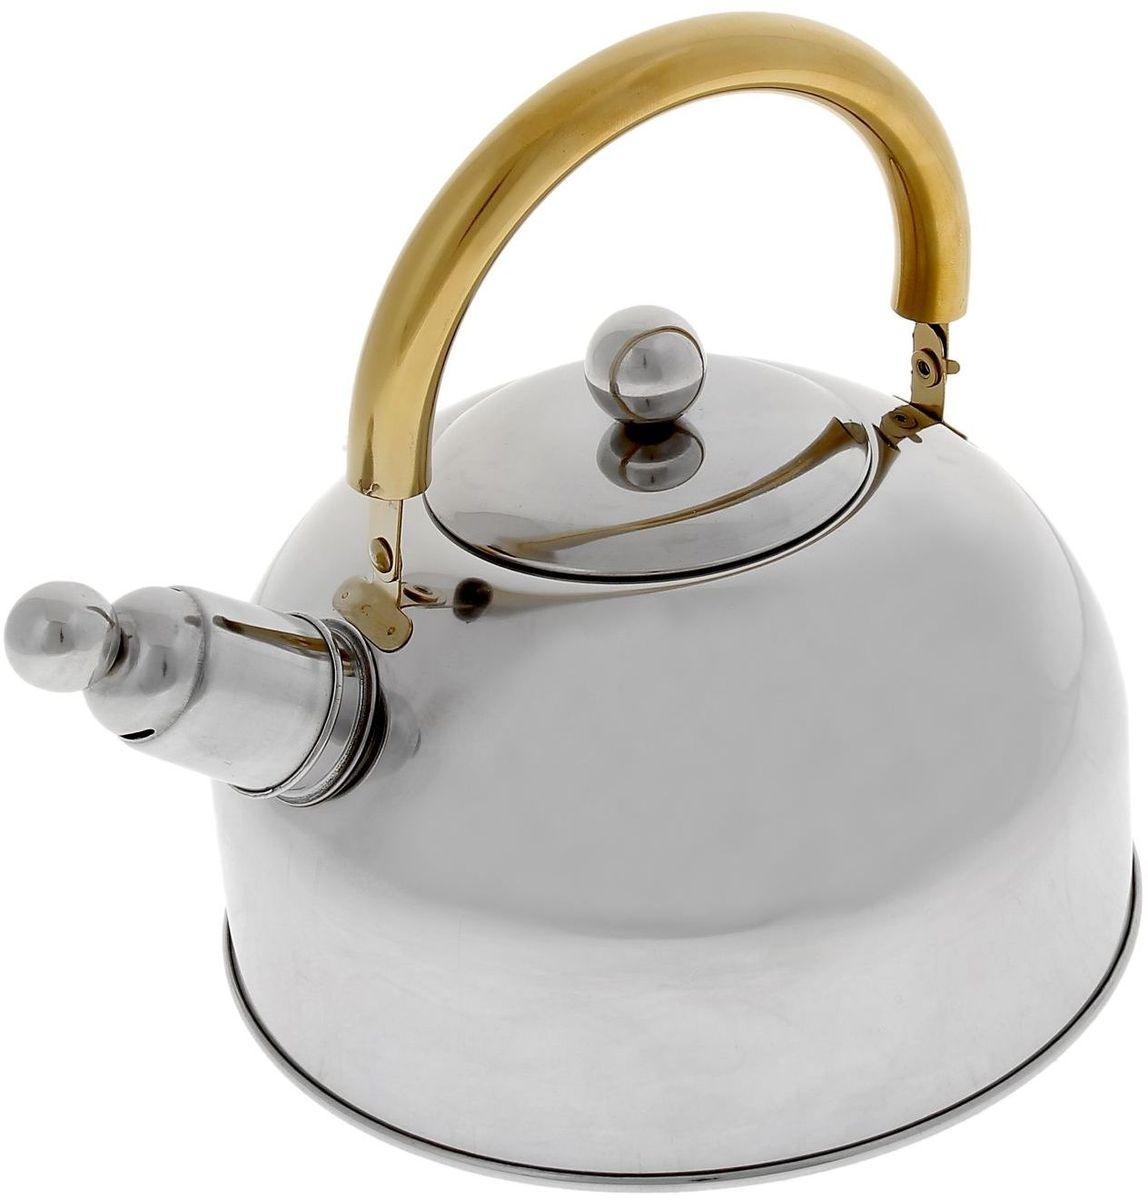 Чайник Доляна Роскошь, со свистком, 2,5 л54 009305Чайник Доляна Роскошь выполнен из высококачественной нержавеющей стали. Материал изделия отличается неприхотливостью в уходе, безукоризненной функциональностью, гигиеничностью и стойкостью к коррозии. Чайники из нержавеющей стали абсолютно безопасны для здоровья человека. Благодаря низкой теплопроводности и оптимальному соотношению дна и стенок вода дольше остается горячей, а качественное дно гарантирует быстрый нагрев. Чайник при кипячении сохраняет все полезные свойства воды. Чайник снабжен подвижной стальной ручкой. Съемный свисток на носике чайника громко оповестит, когда закипела вода. Подходит для газовых, электрических, стеклокерамических, галогеновых, индукционных плит. Рекомендуется ручная мойка.